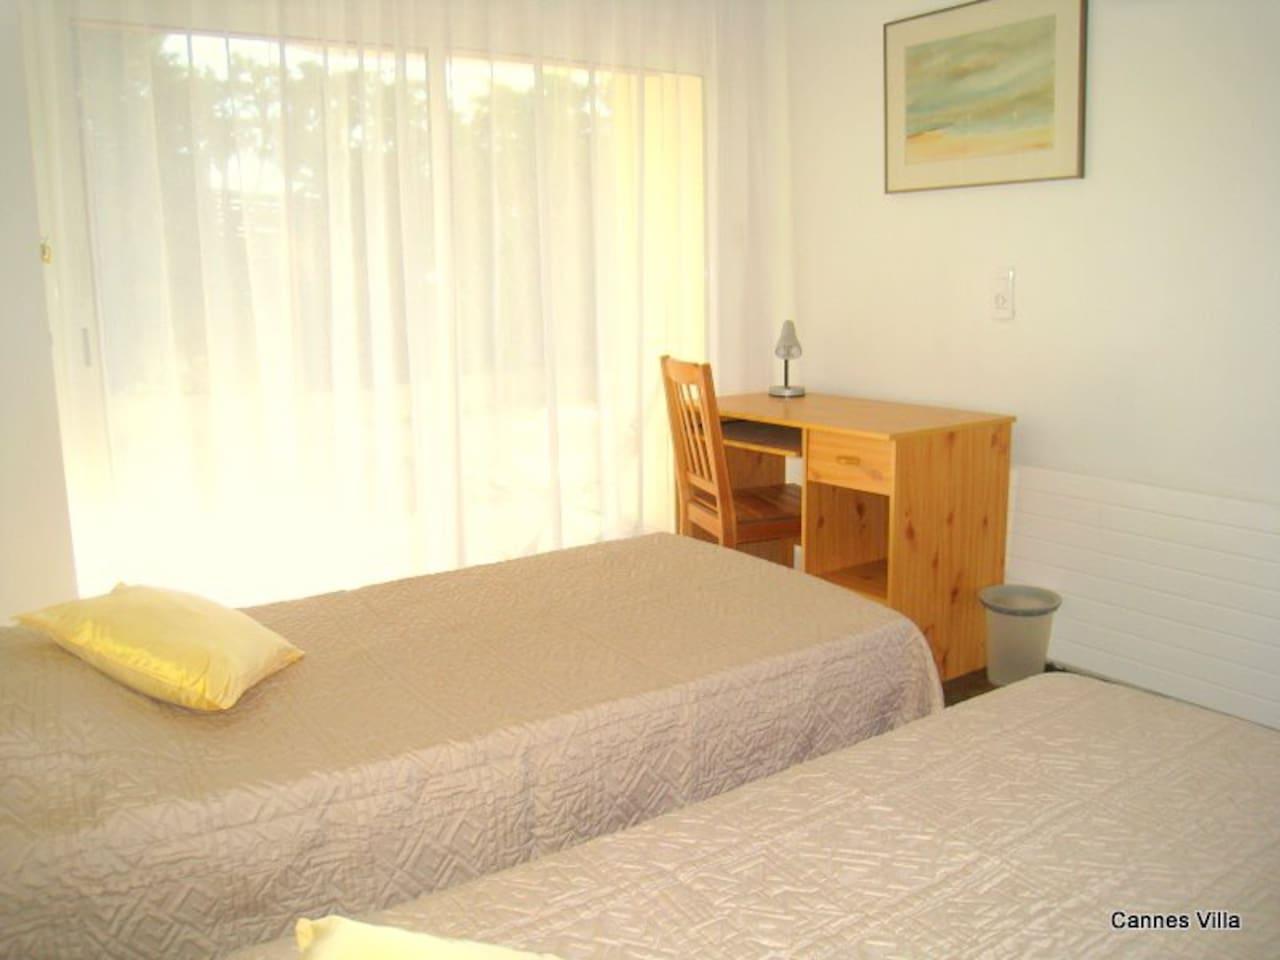 chambre rez-de-chaussée, accès privatif, wifi gratuit, 2 grands lits (200cmx90cm)